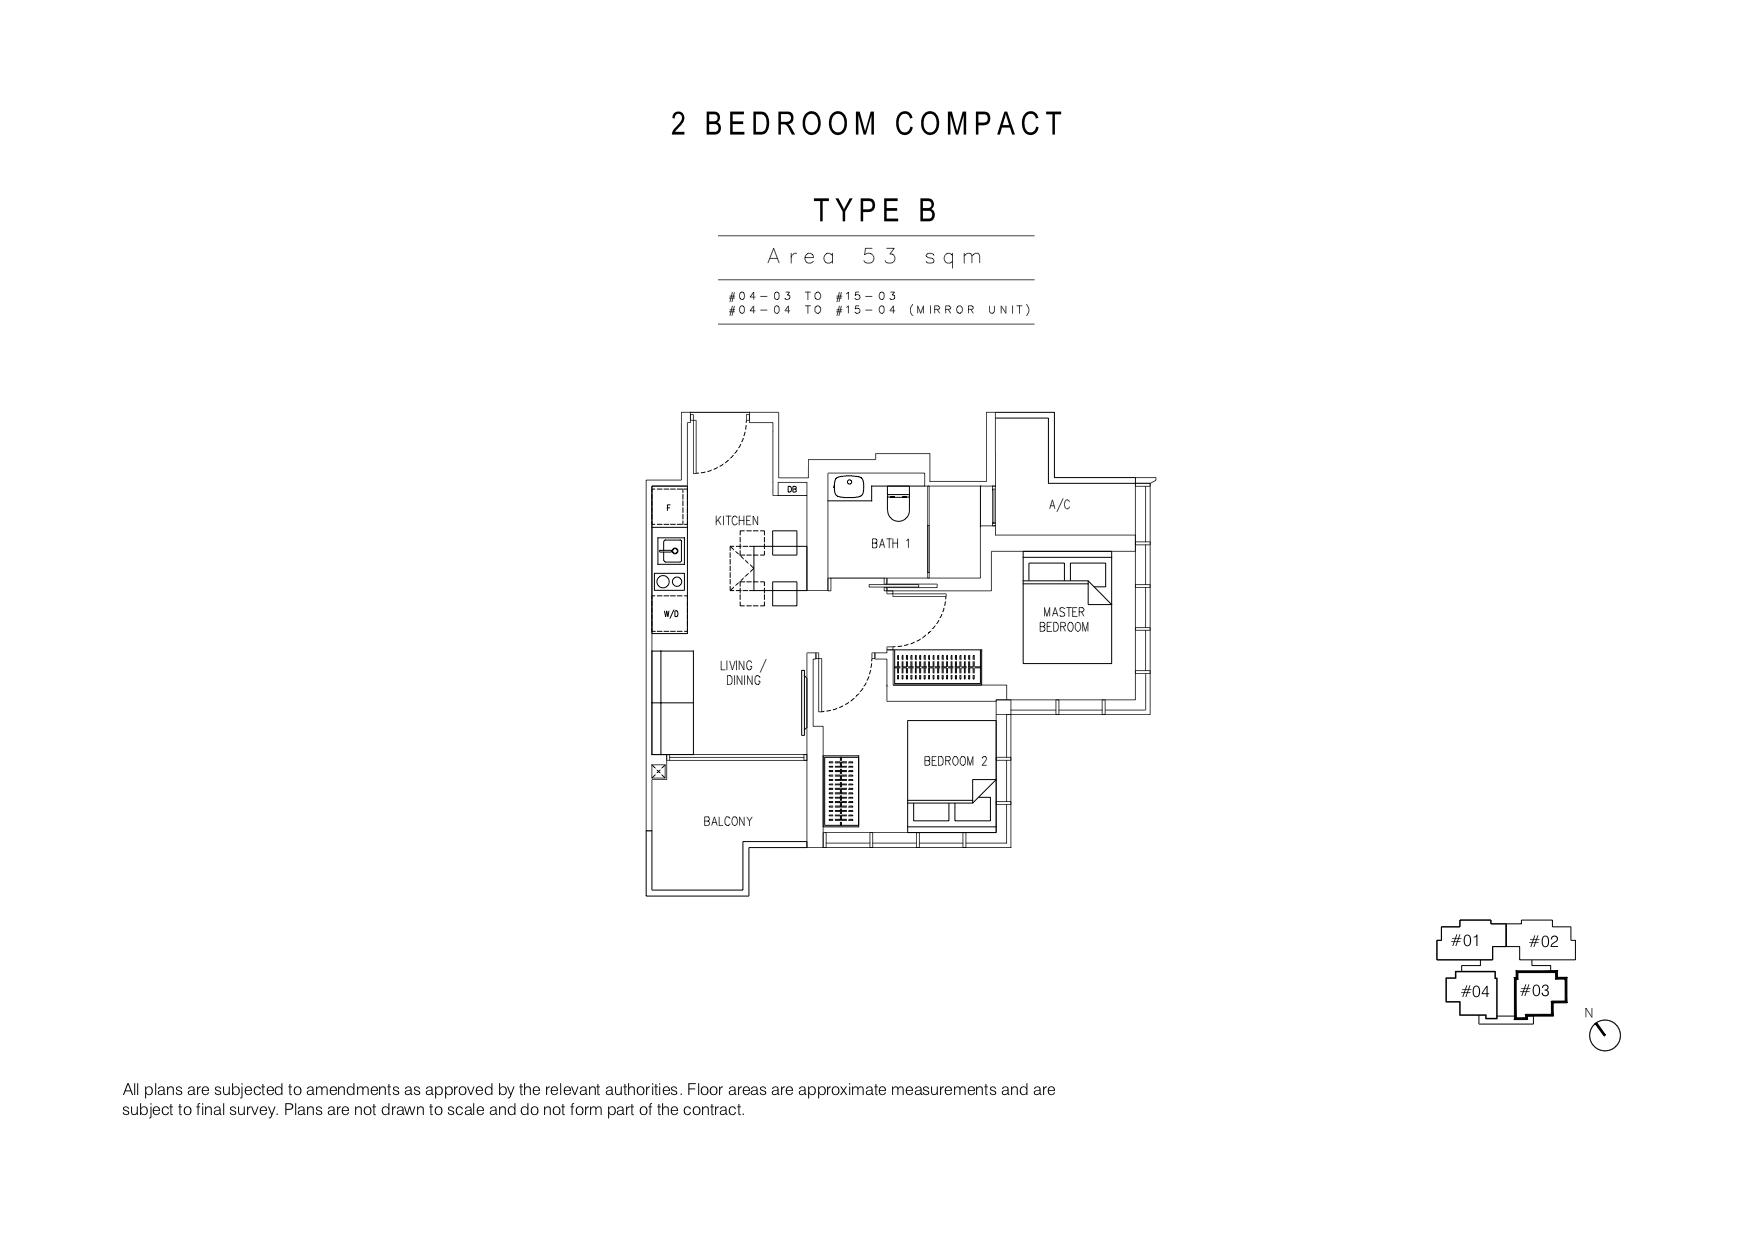 120 Grange 2 bedroom type